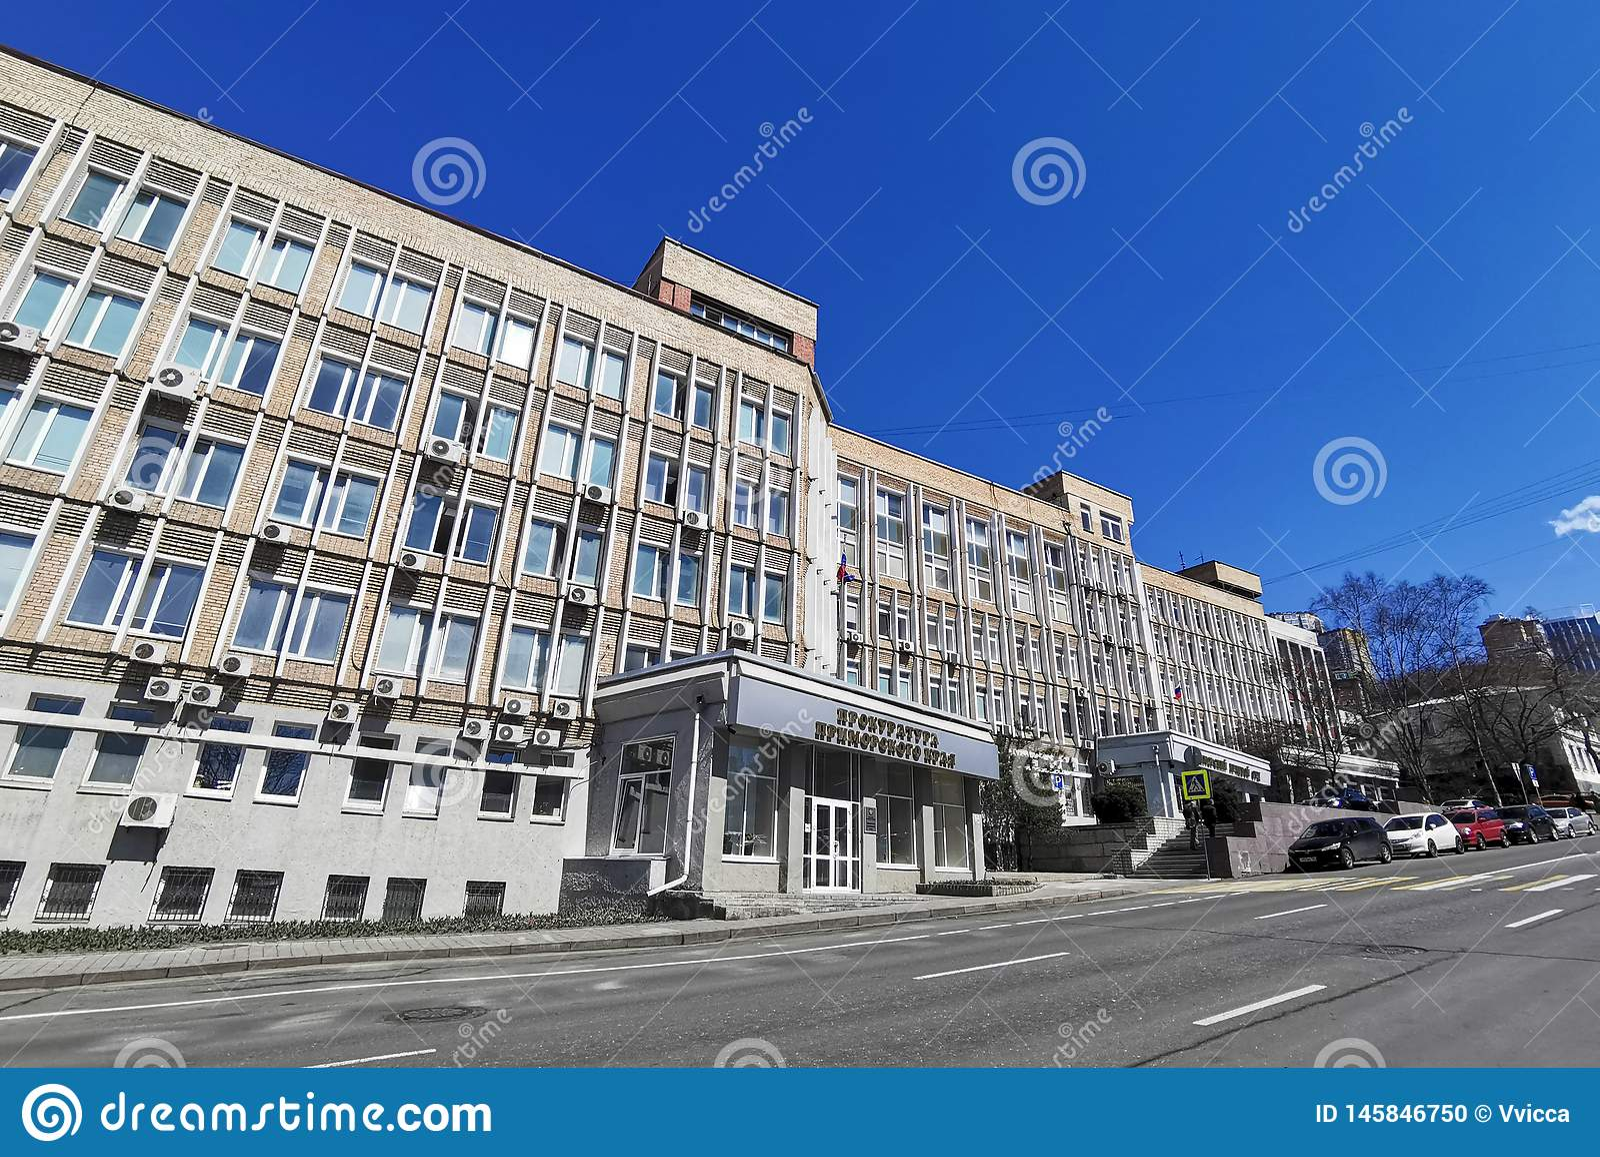 Arquitetura da cidade com a constru??o do escrit?rio de promotor de justi?a de Primorsky Krai na rua de Fontannaya